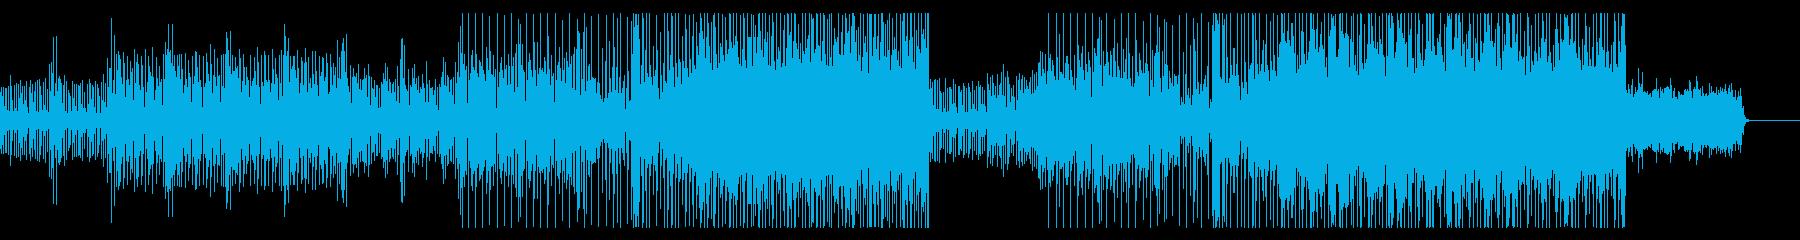 80年代レトロなテクノBGMの再生済みの波形